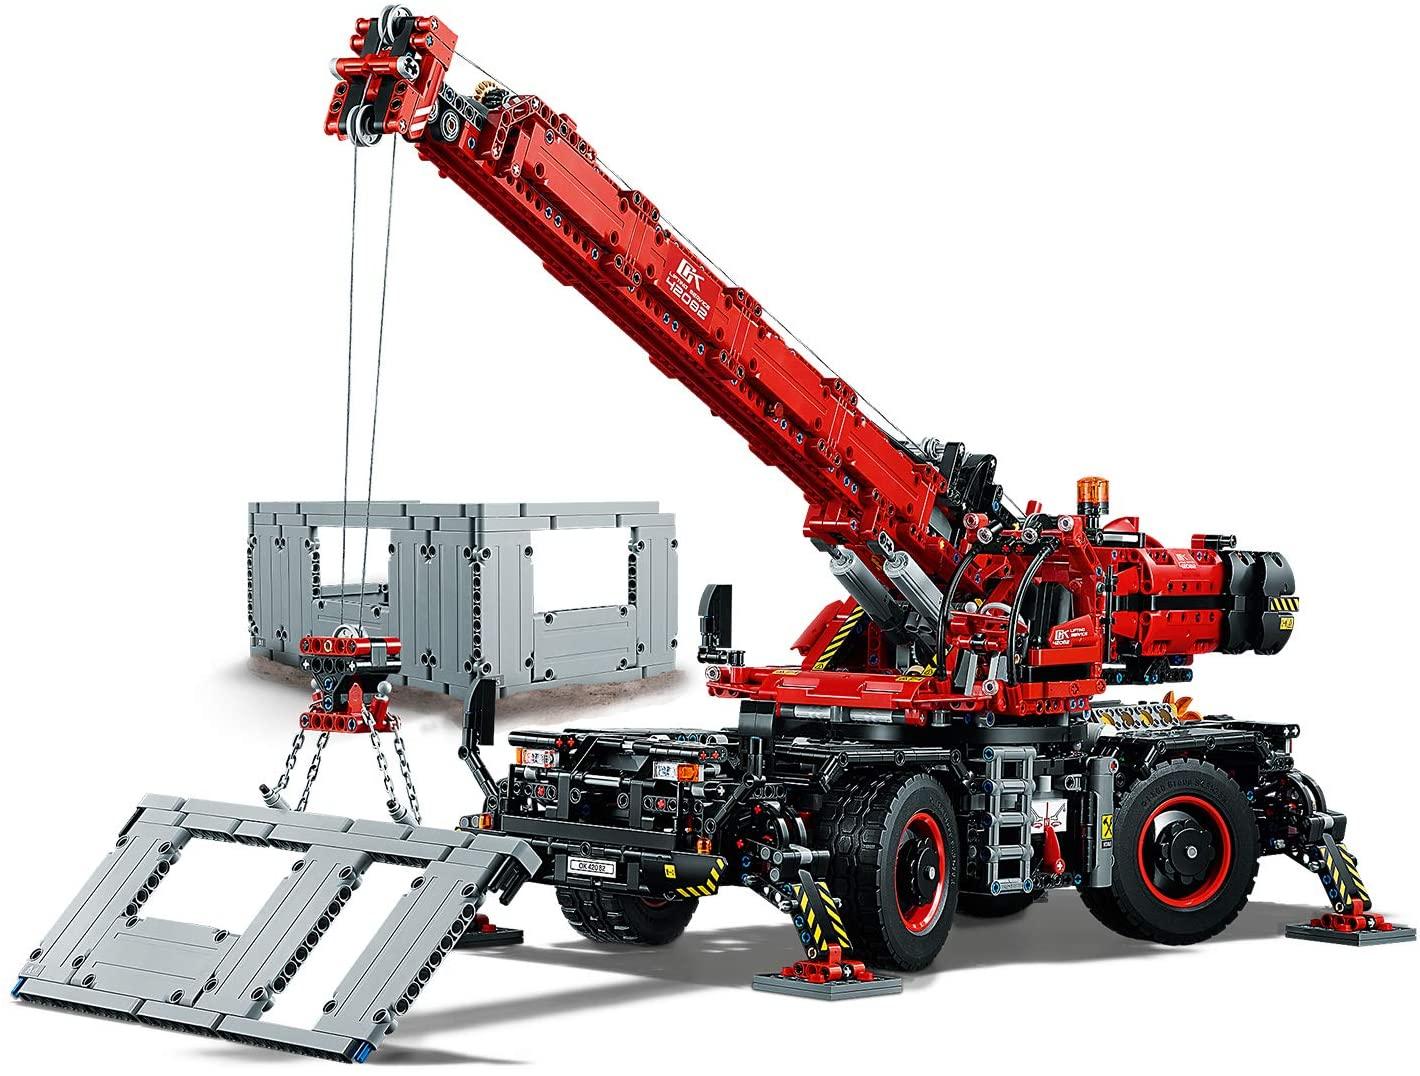 LEGO Grúa todoterreno Technic (42082) + Set homenaje Charles Dickens (regalo)